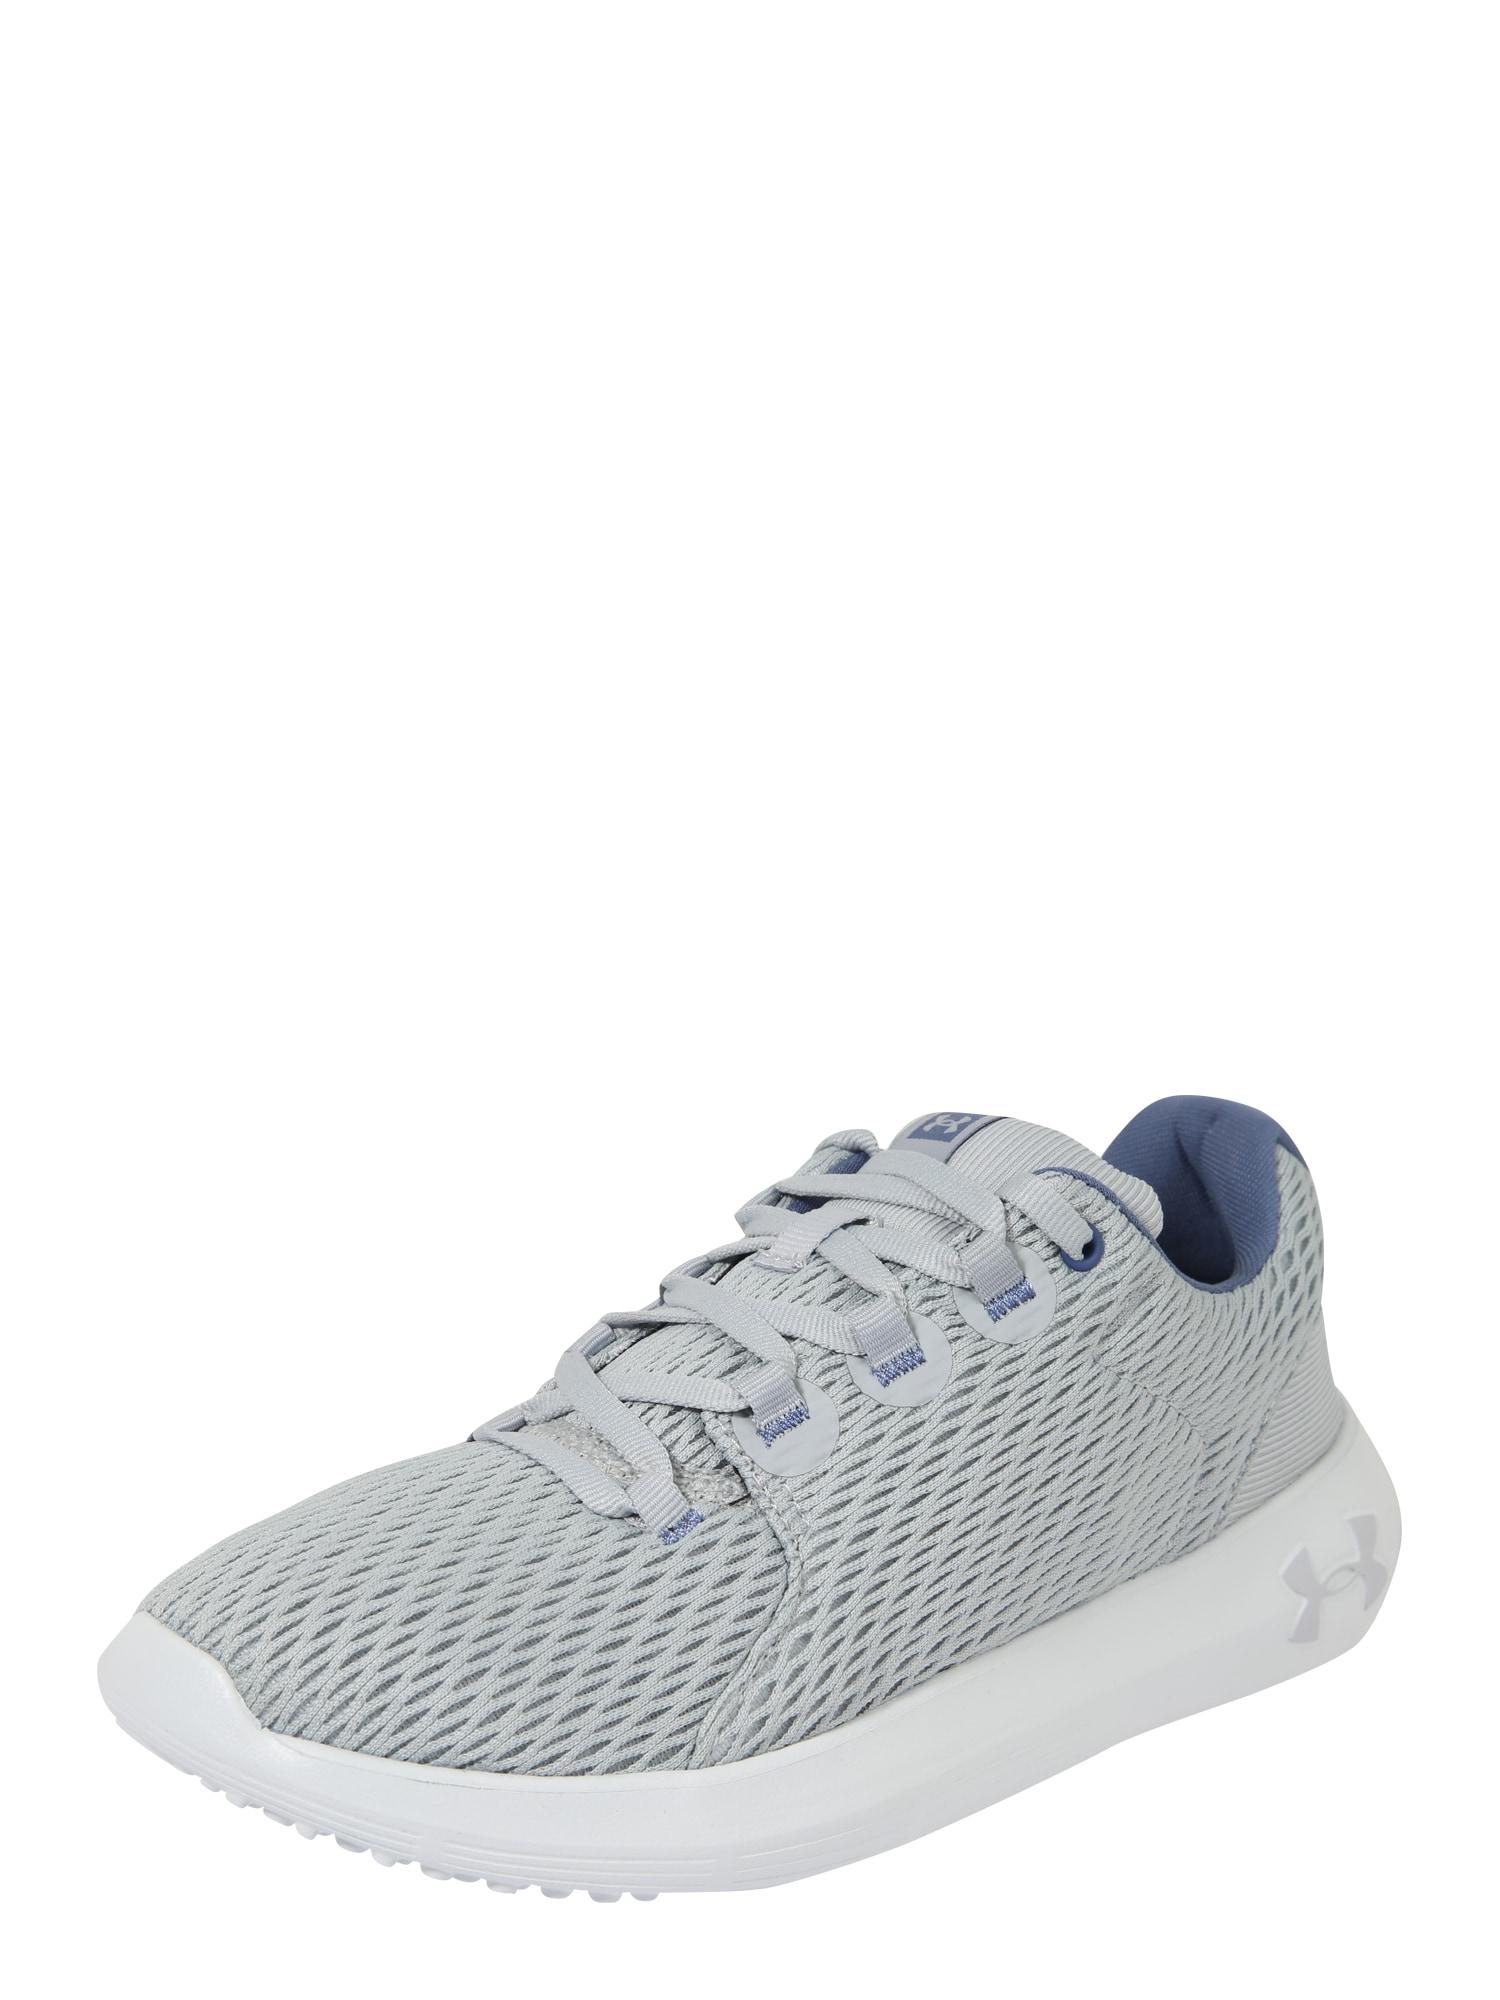 UNDER ARMOUR Sportiniai batai 'UA W Ripple 2.0 NM1' šviesiai pilka